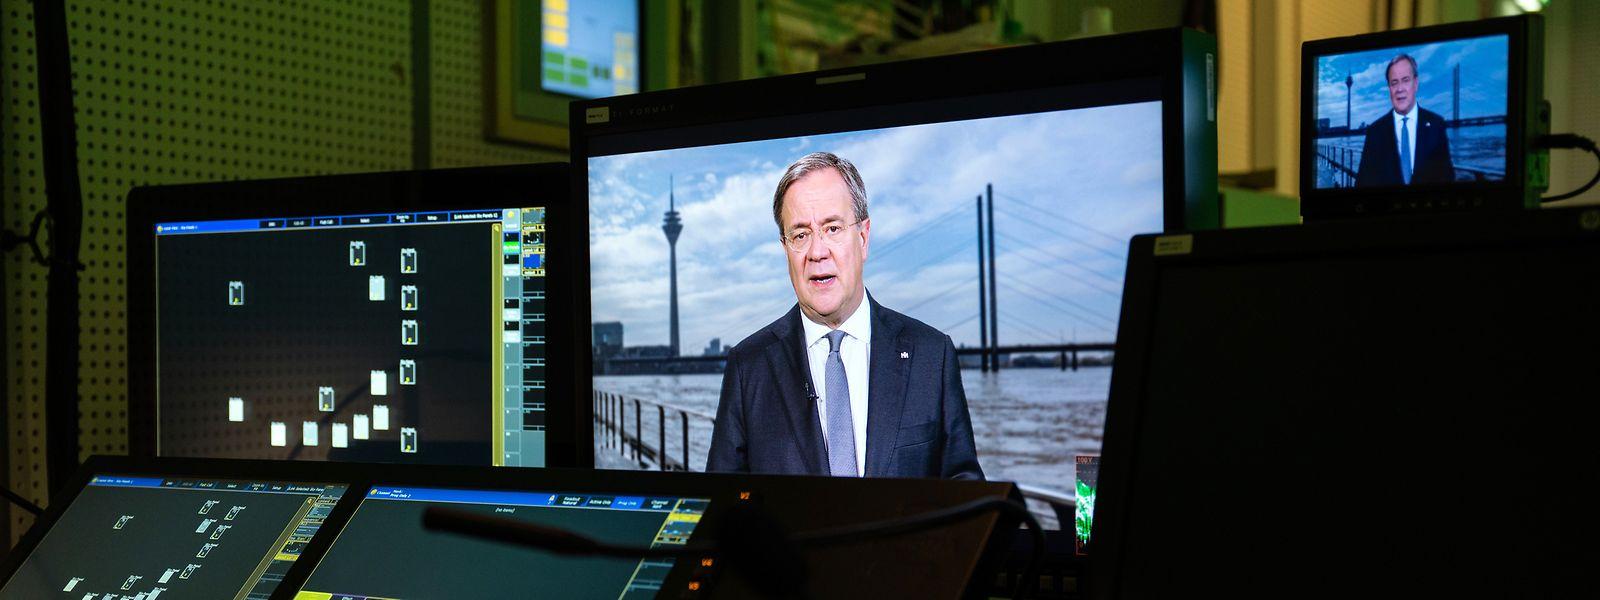 Armin Laschet (CDU), aufgenommen während einer Fernsehansprache im WDR. Der Ministerpräsident von Nordrhein-Westfalen müsste sich der Macht von Bildern eigentlich bewusst sein.